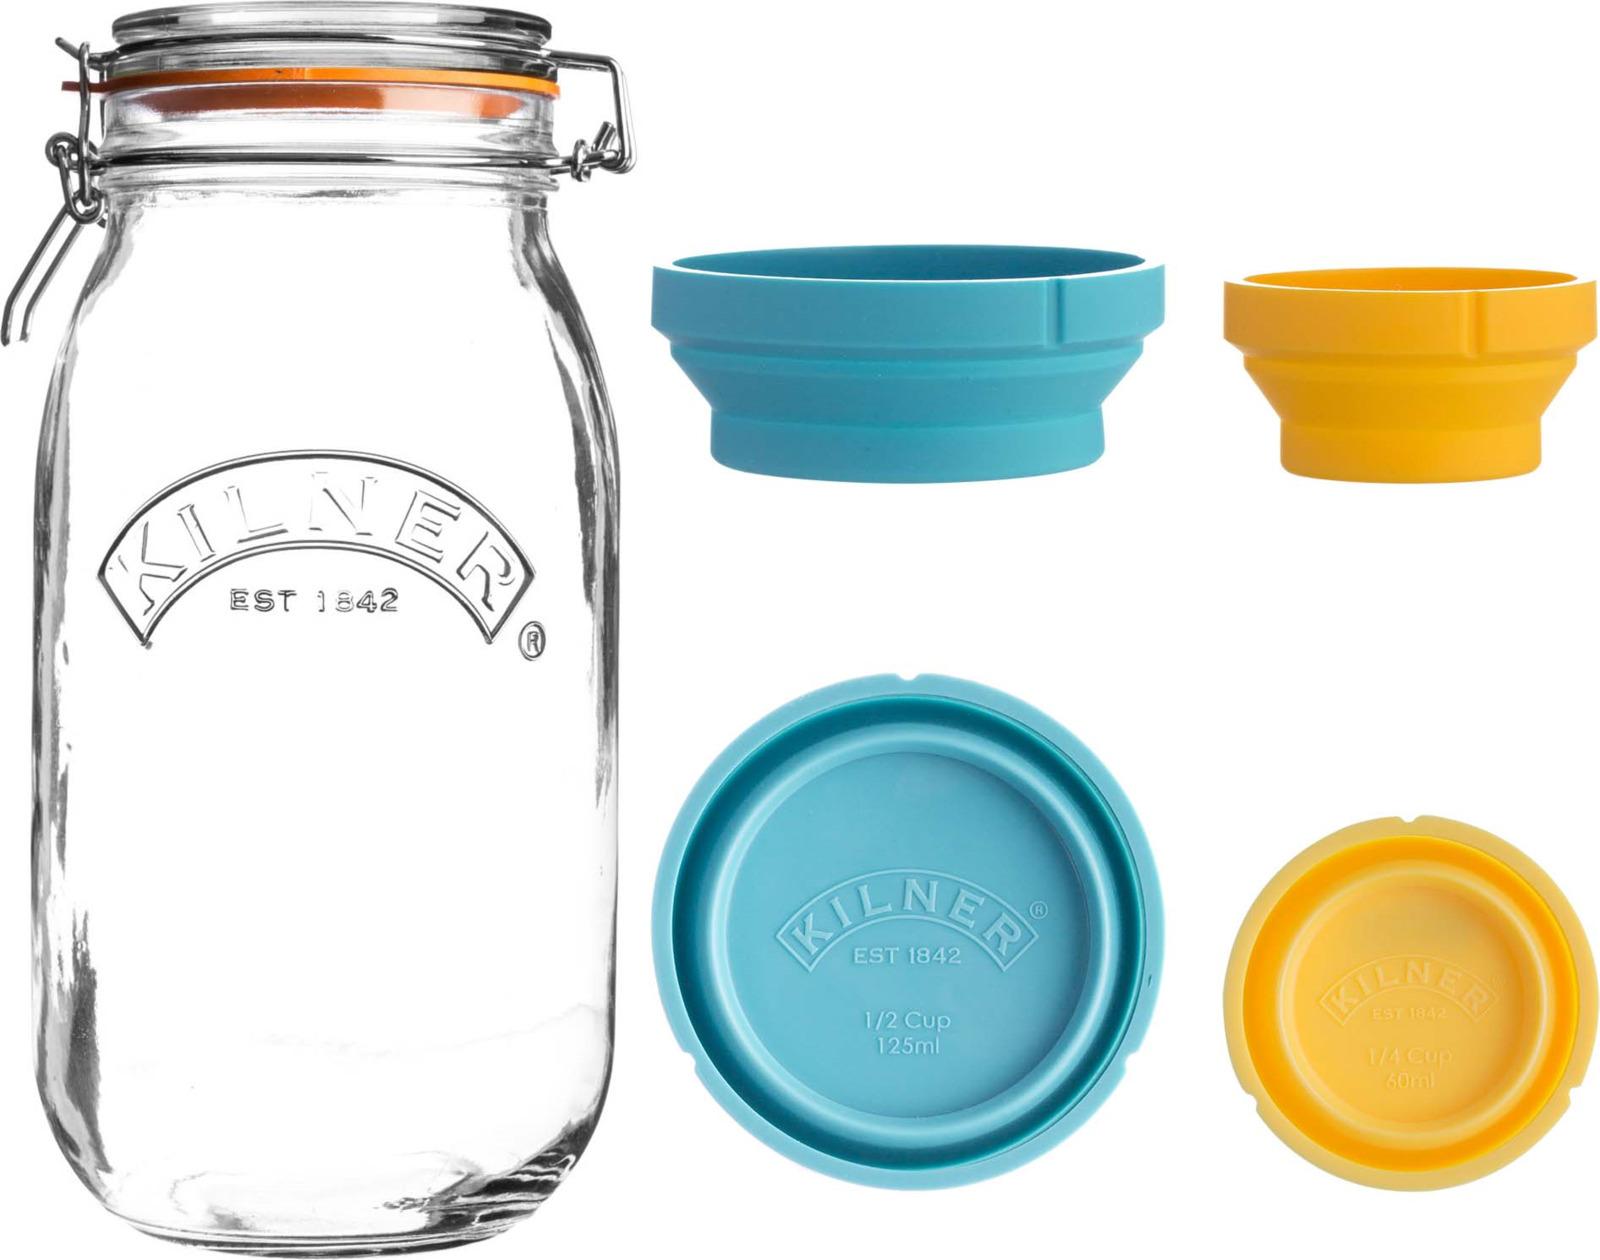 Банка для хранения Kilner Clip Top, с мерными чашами, 2 л банка для хранения kilner clip top 2 л